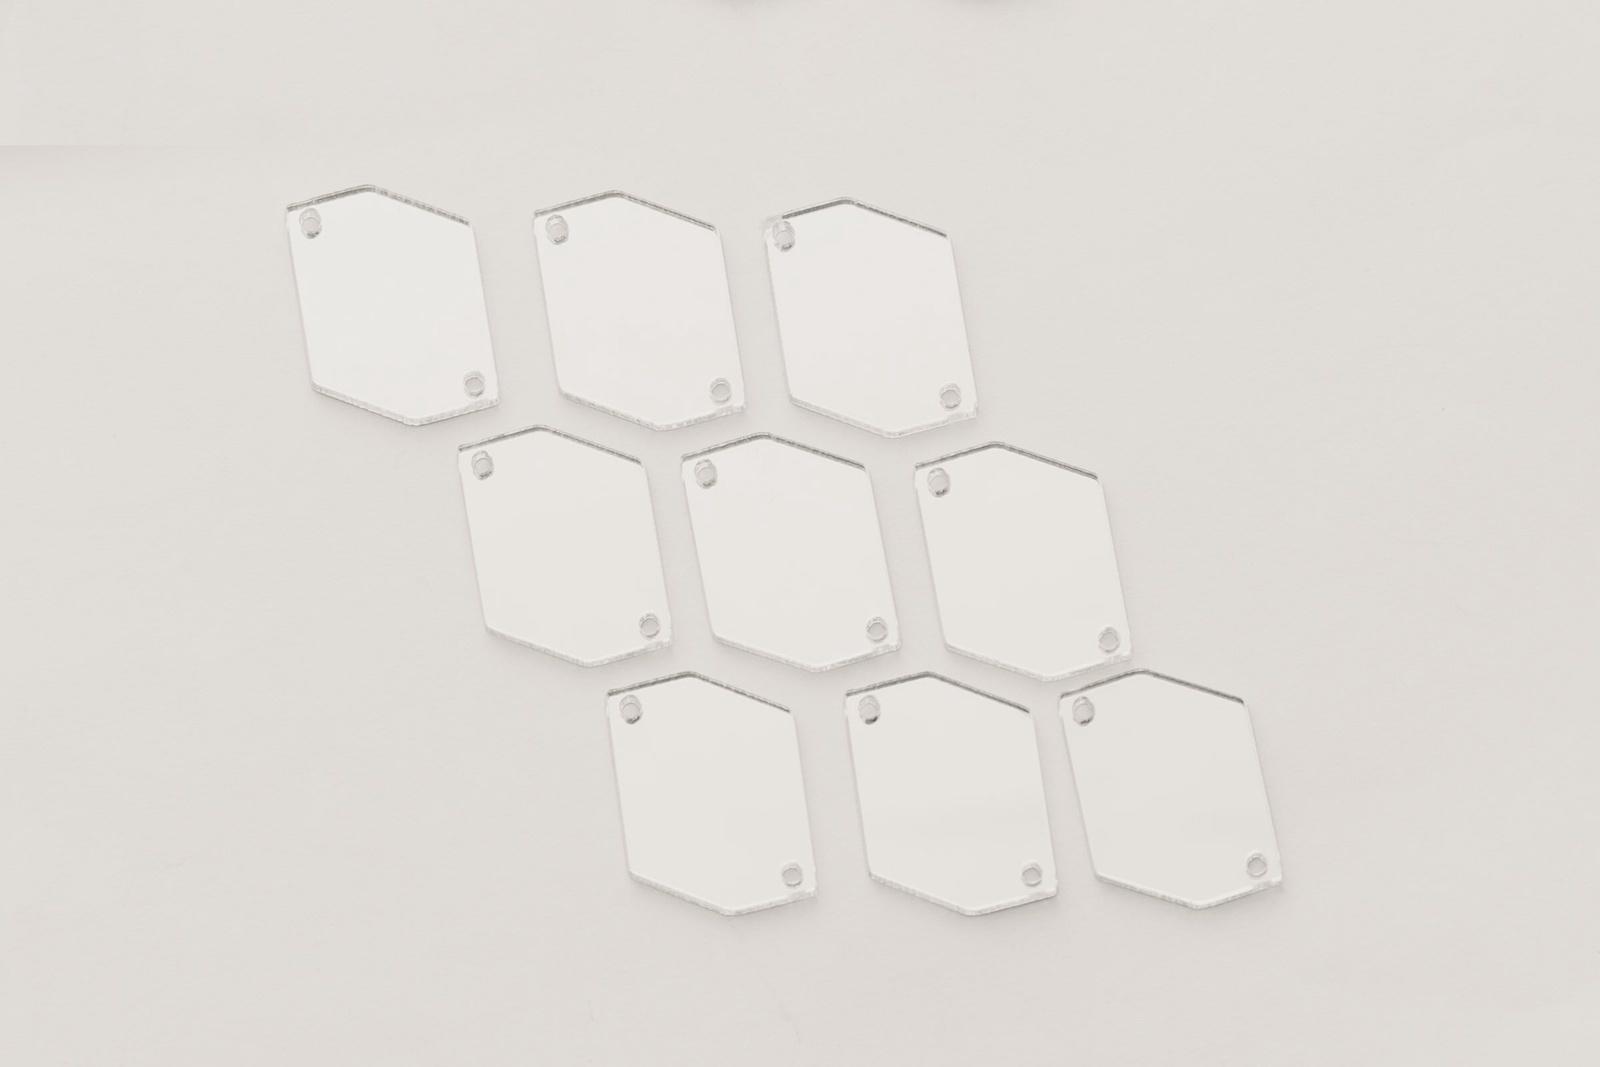 CASP Lase ШЕСТ2520 Комплект акриловых пришивных зеркал/страз Шестиугольник 25х20